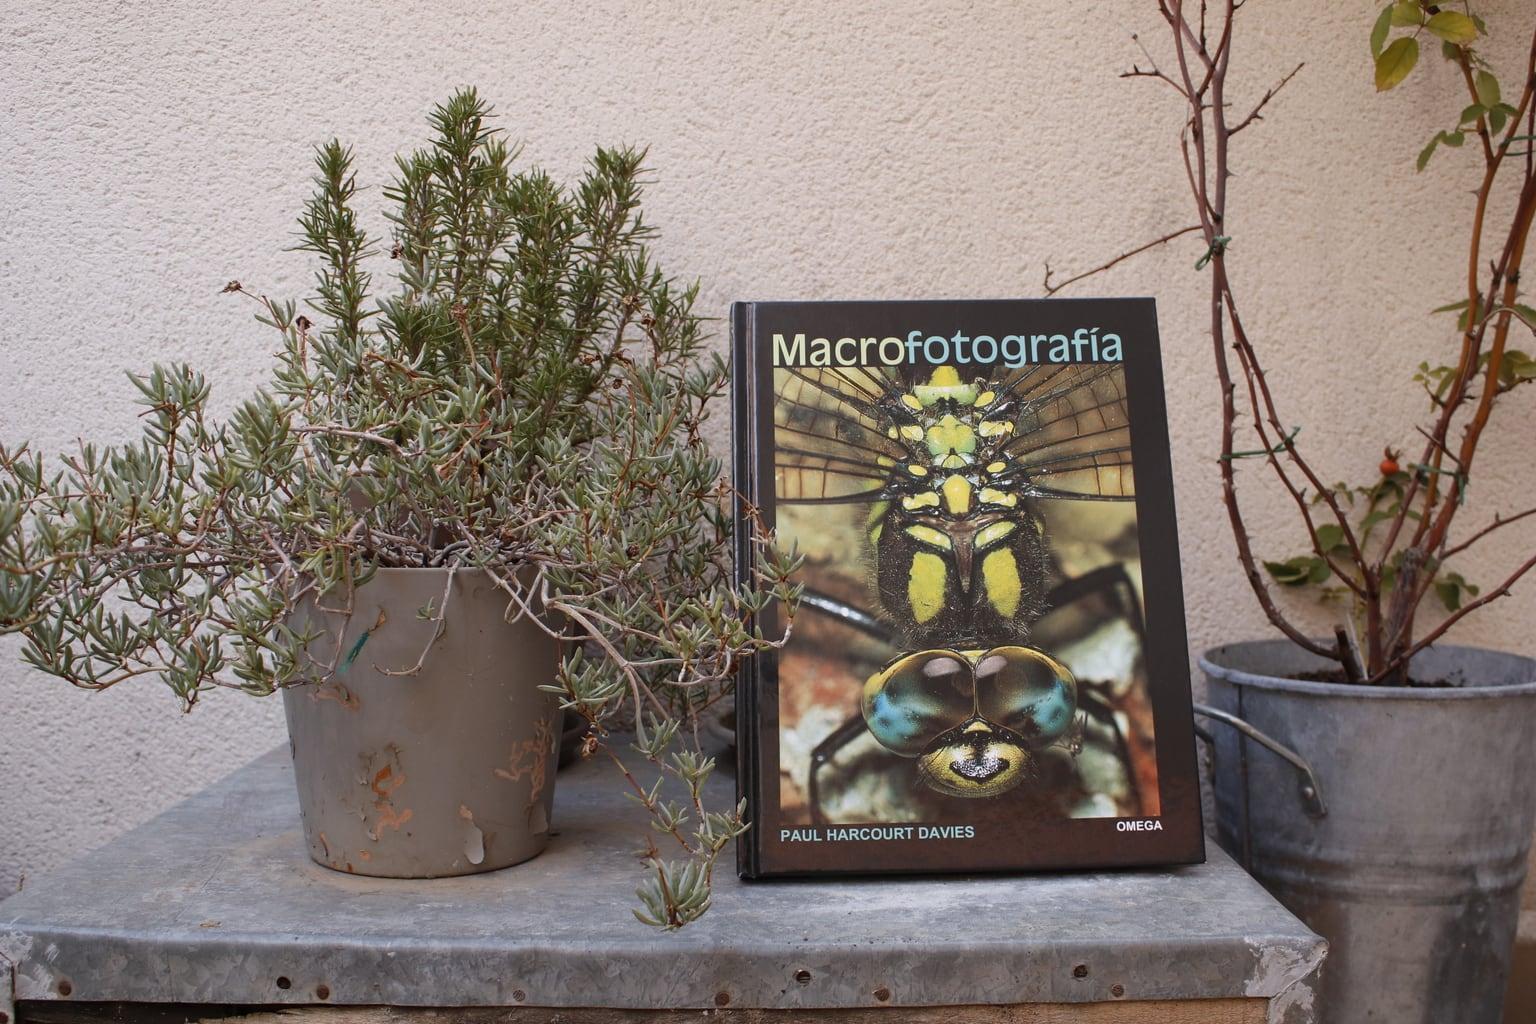 Fotografía libro Macrofotografía